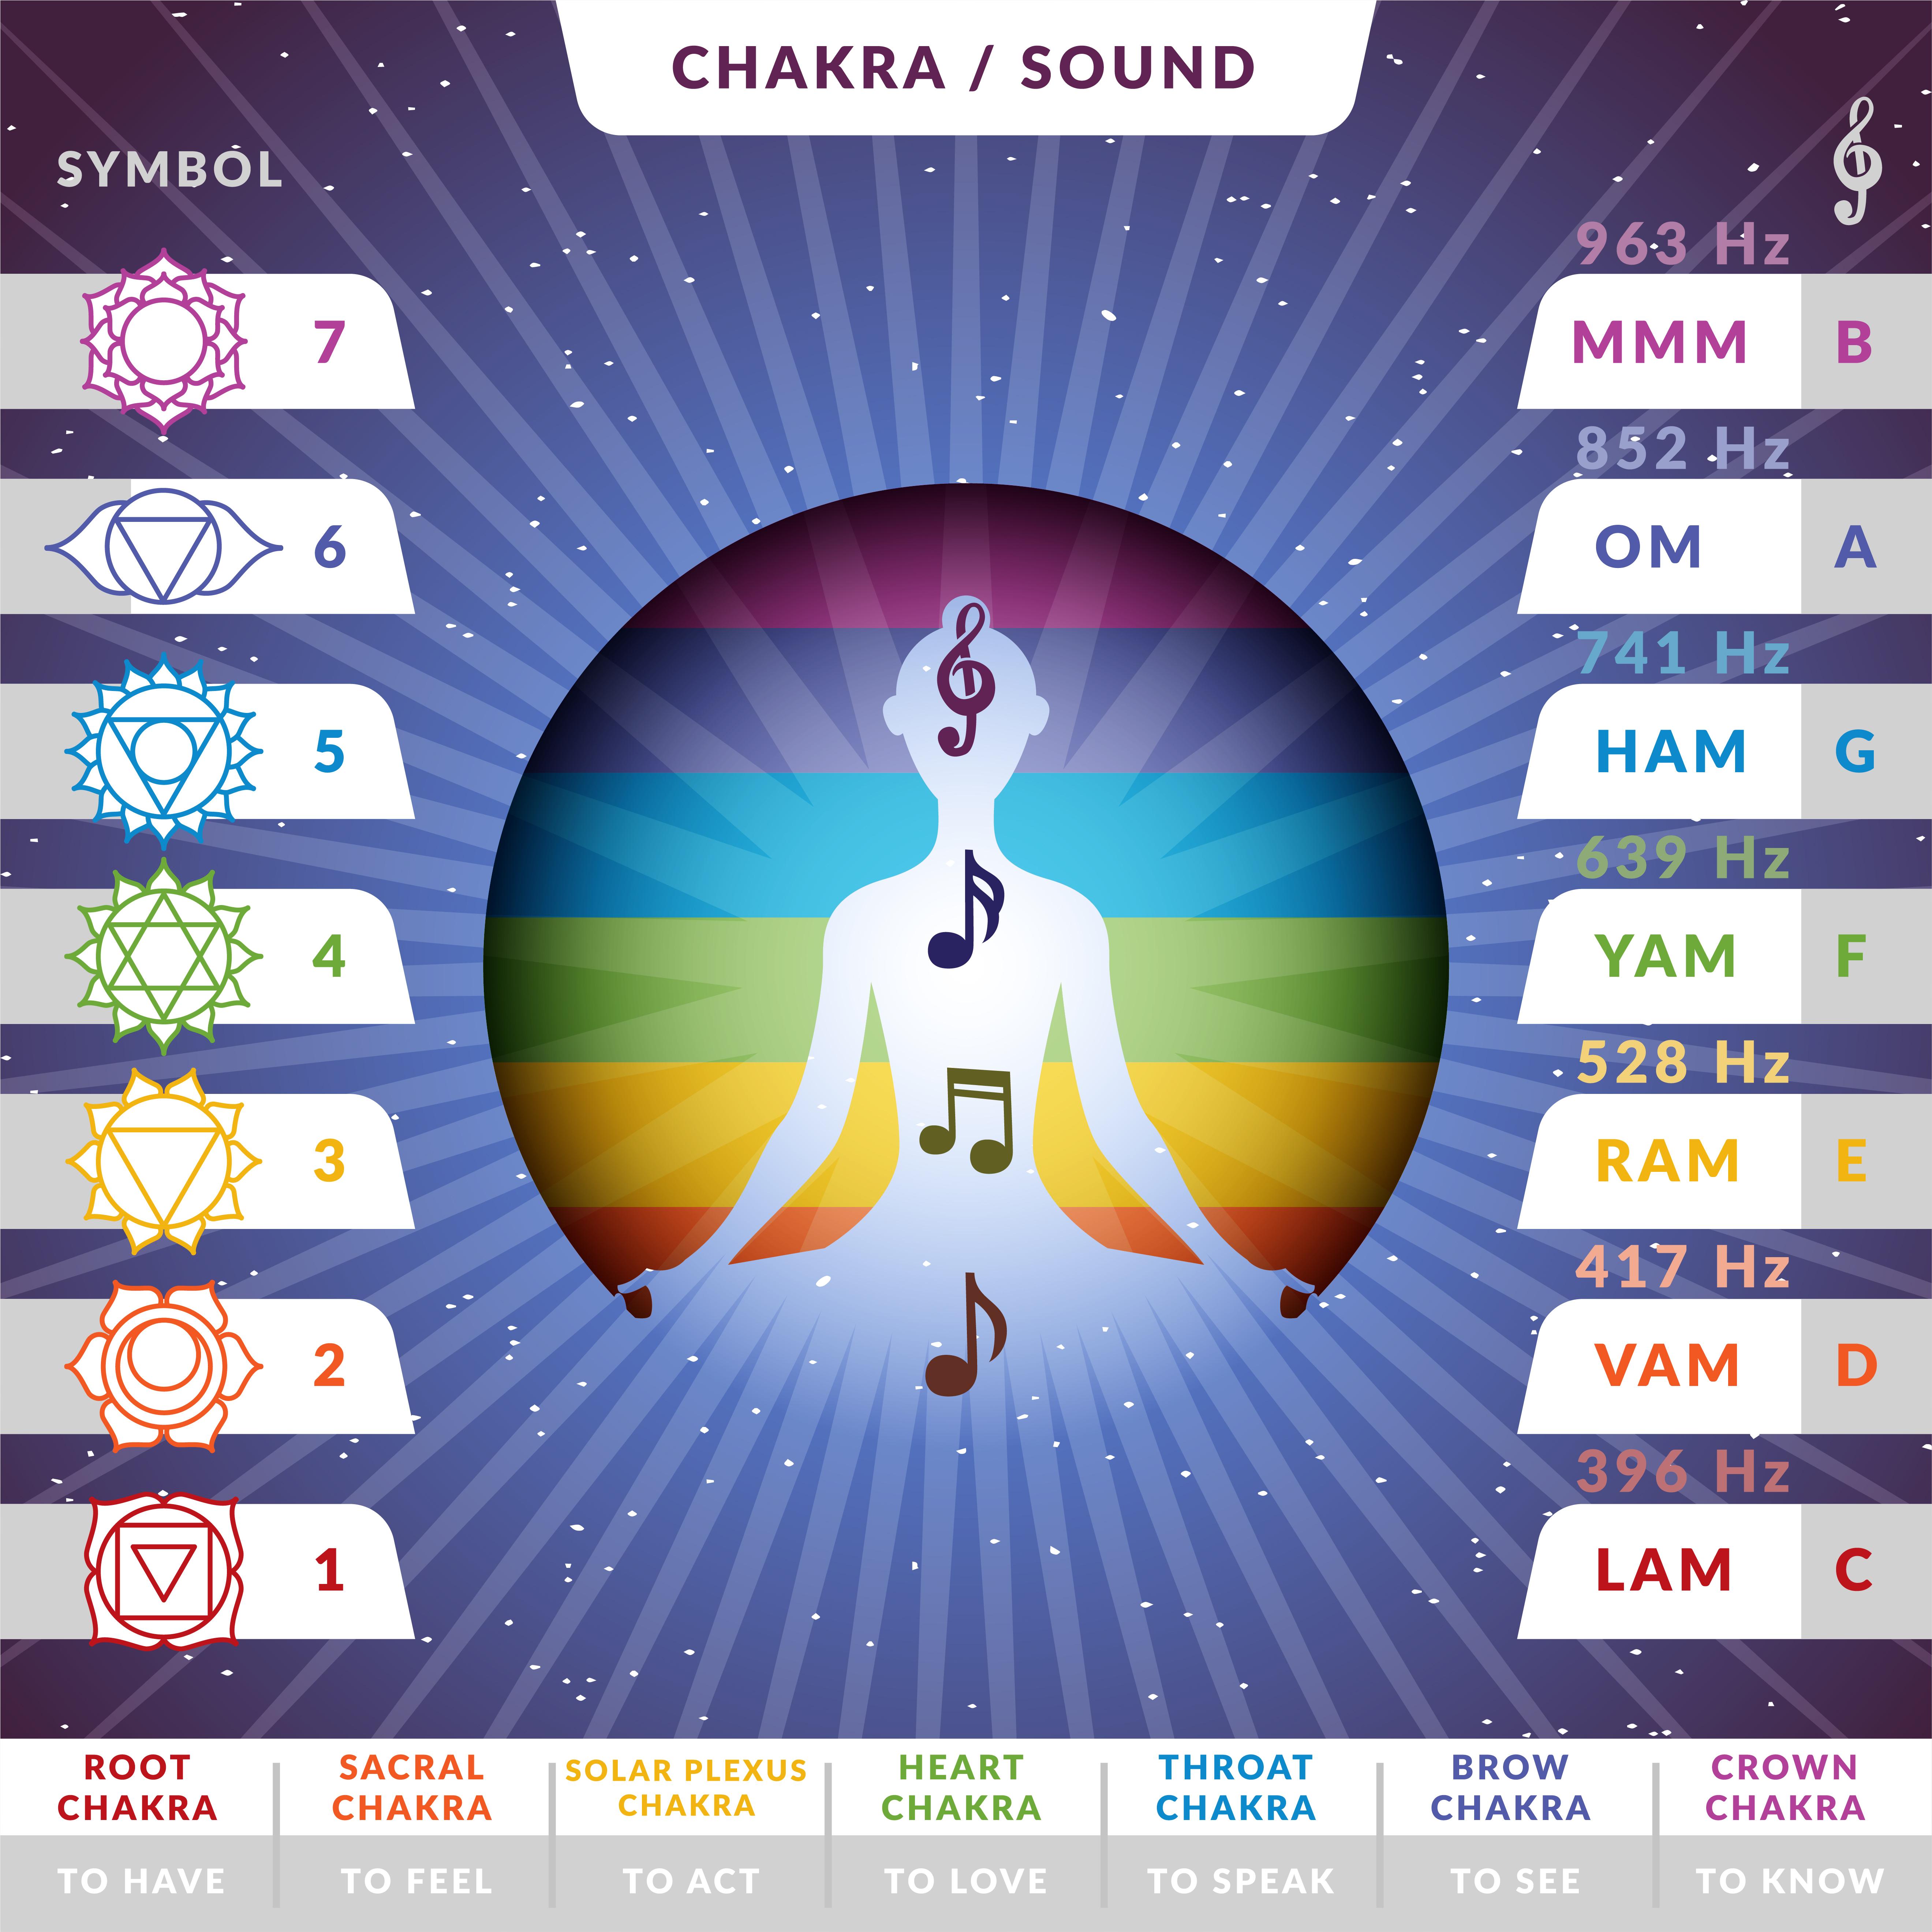 Chakra sound